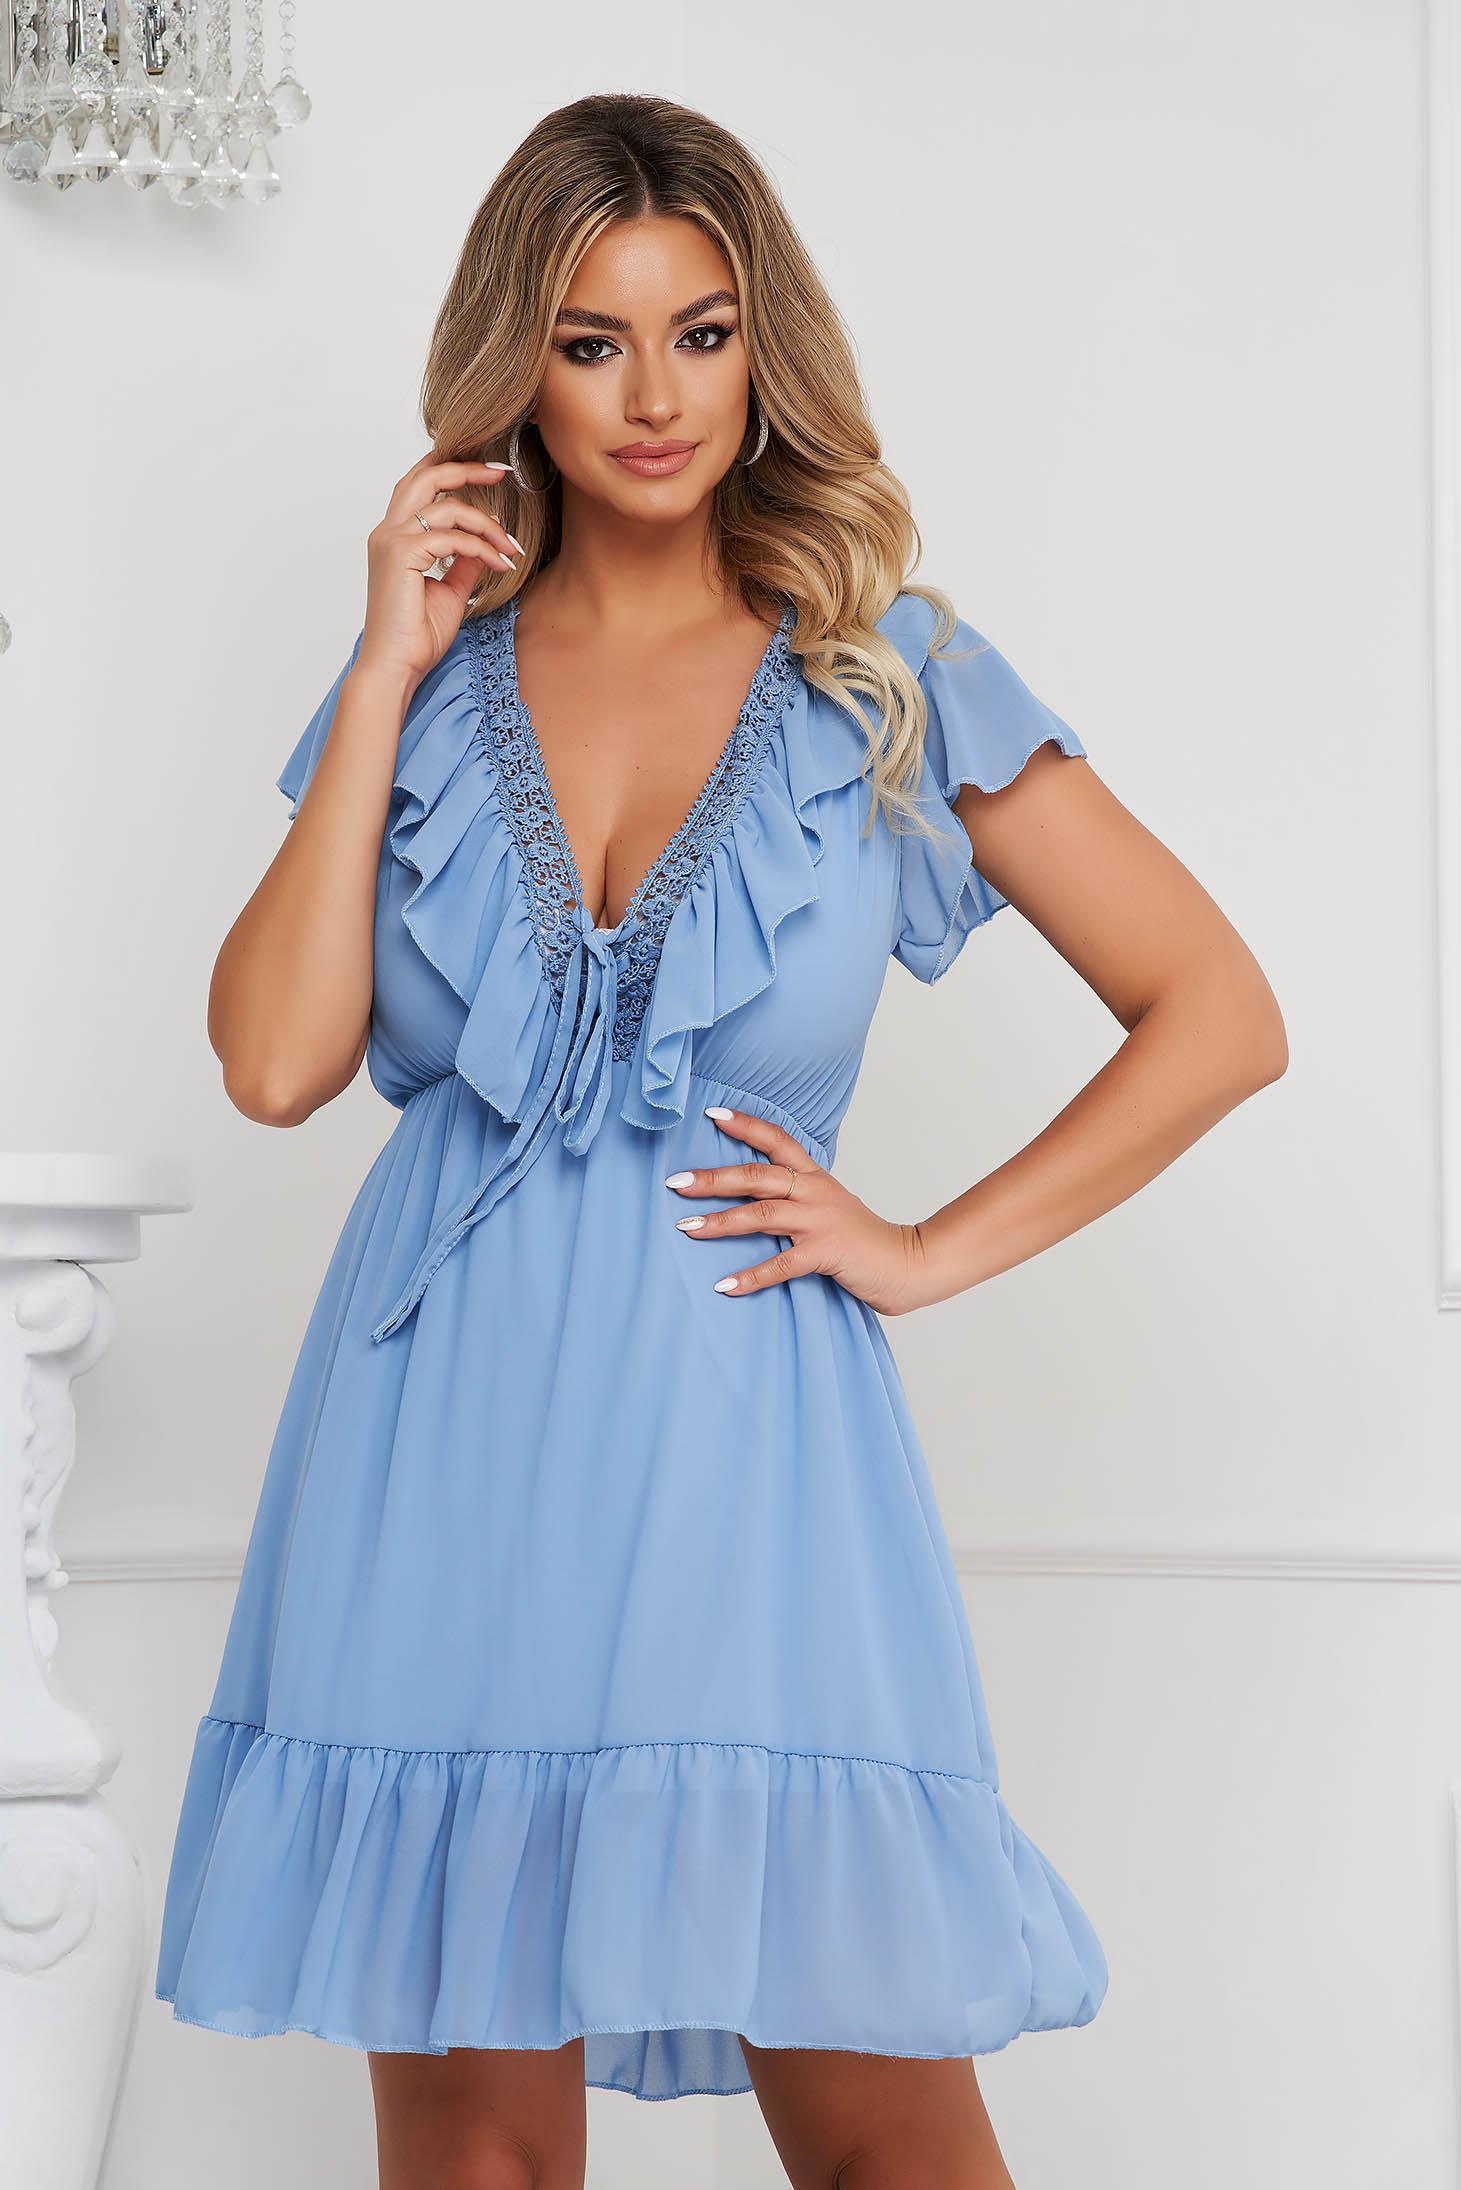 Rochie SunShine albastra scurta din voal in clos cu elastic in talie cu broderie si cu volanase